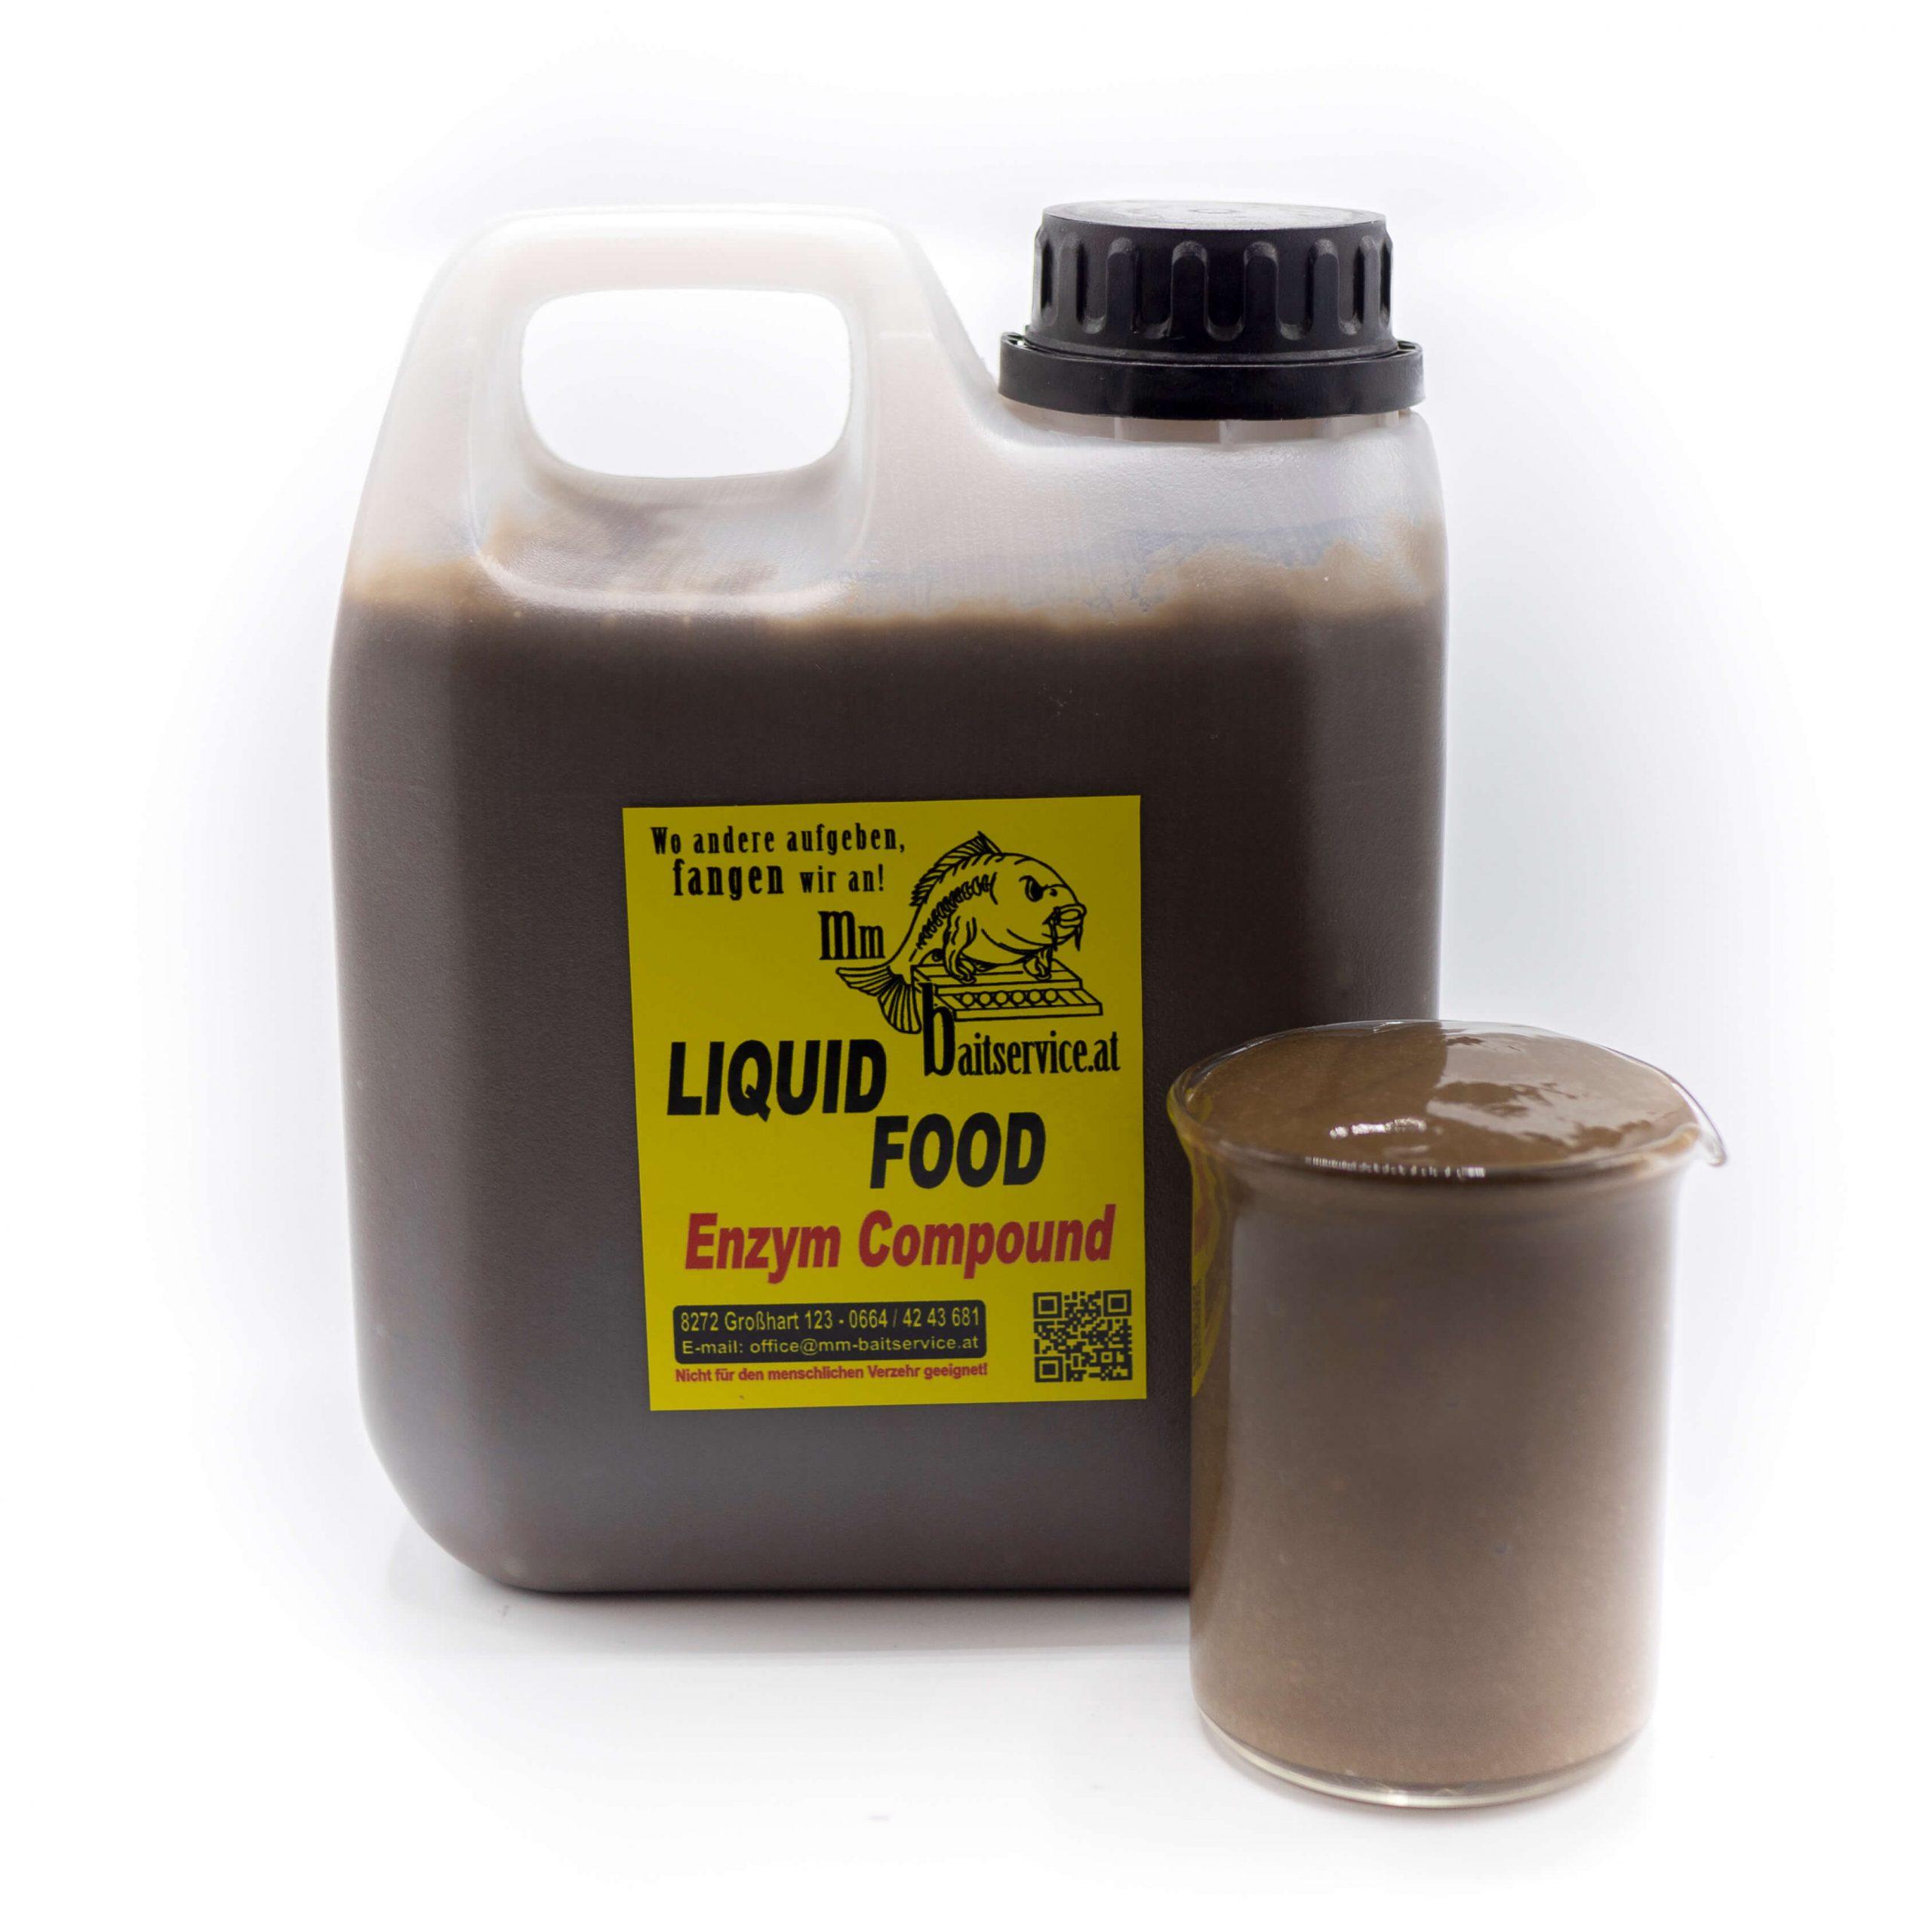 Enzym Compound - Liquid